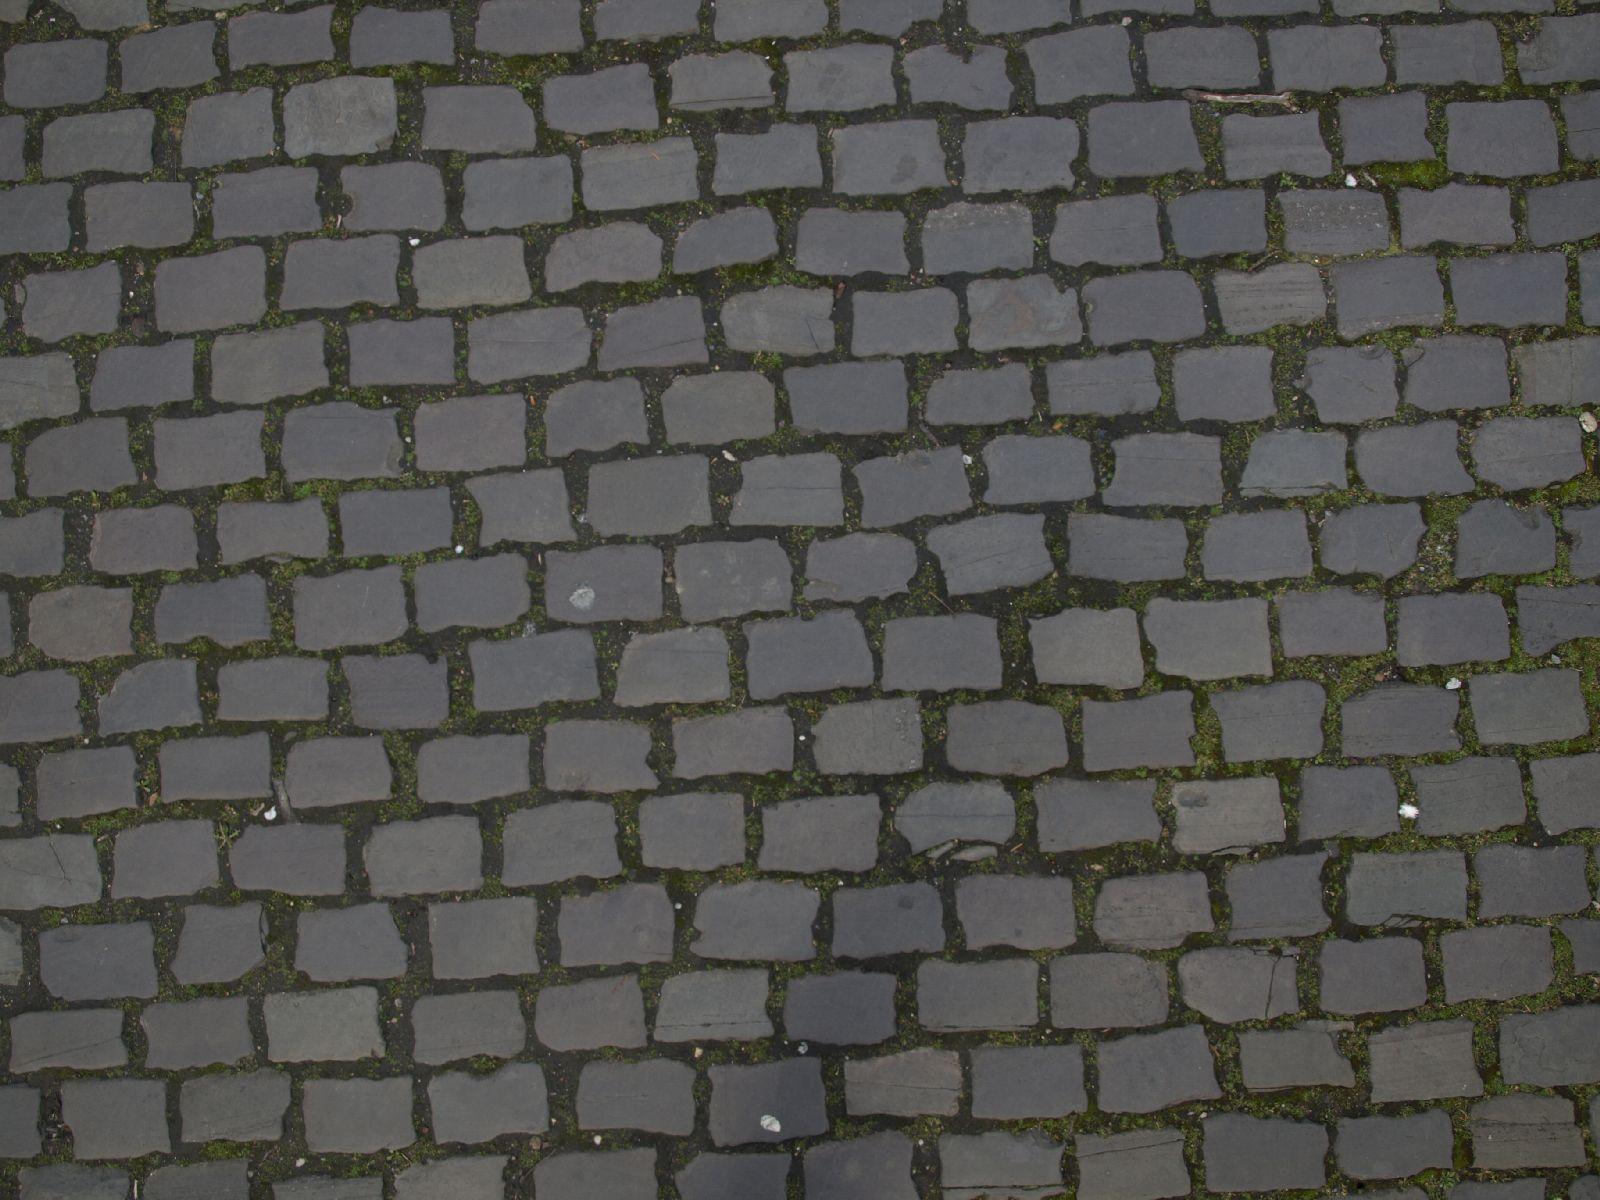 Boden-Gehweg-Strasse-Buergersteig-Textur_A_P4100525